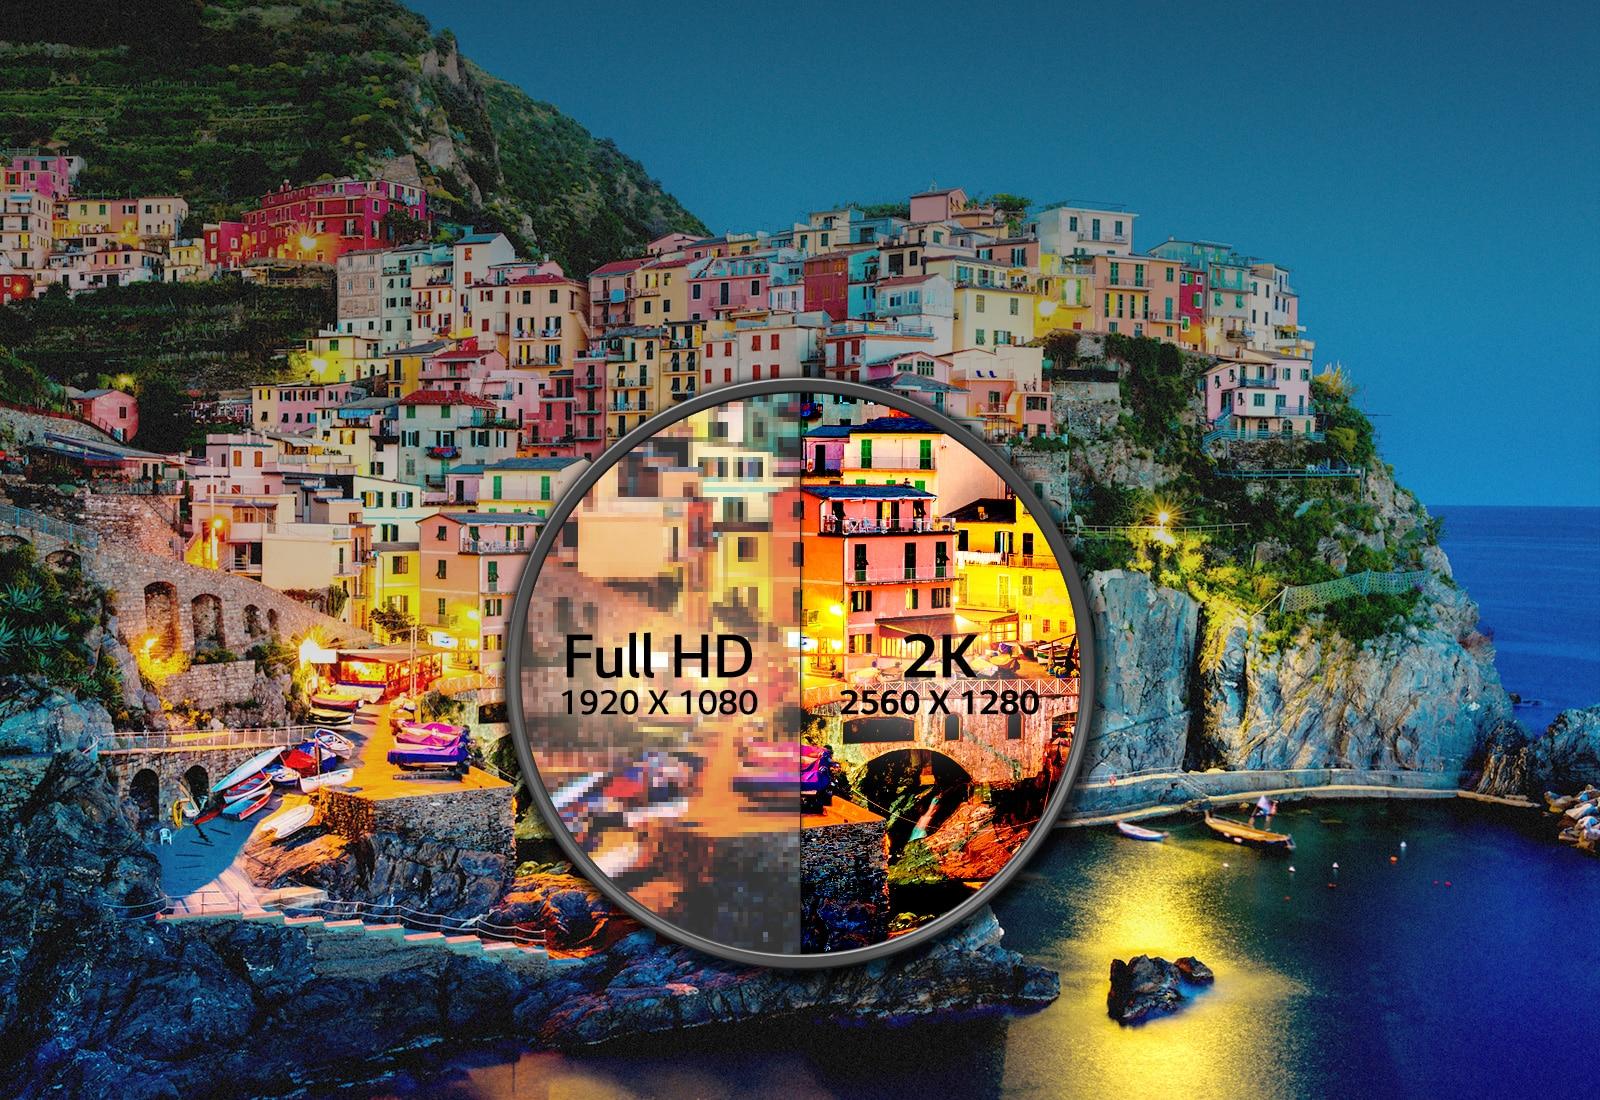 LG 360 Cam image quality